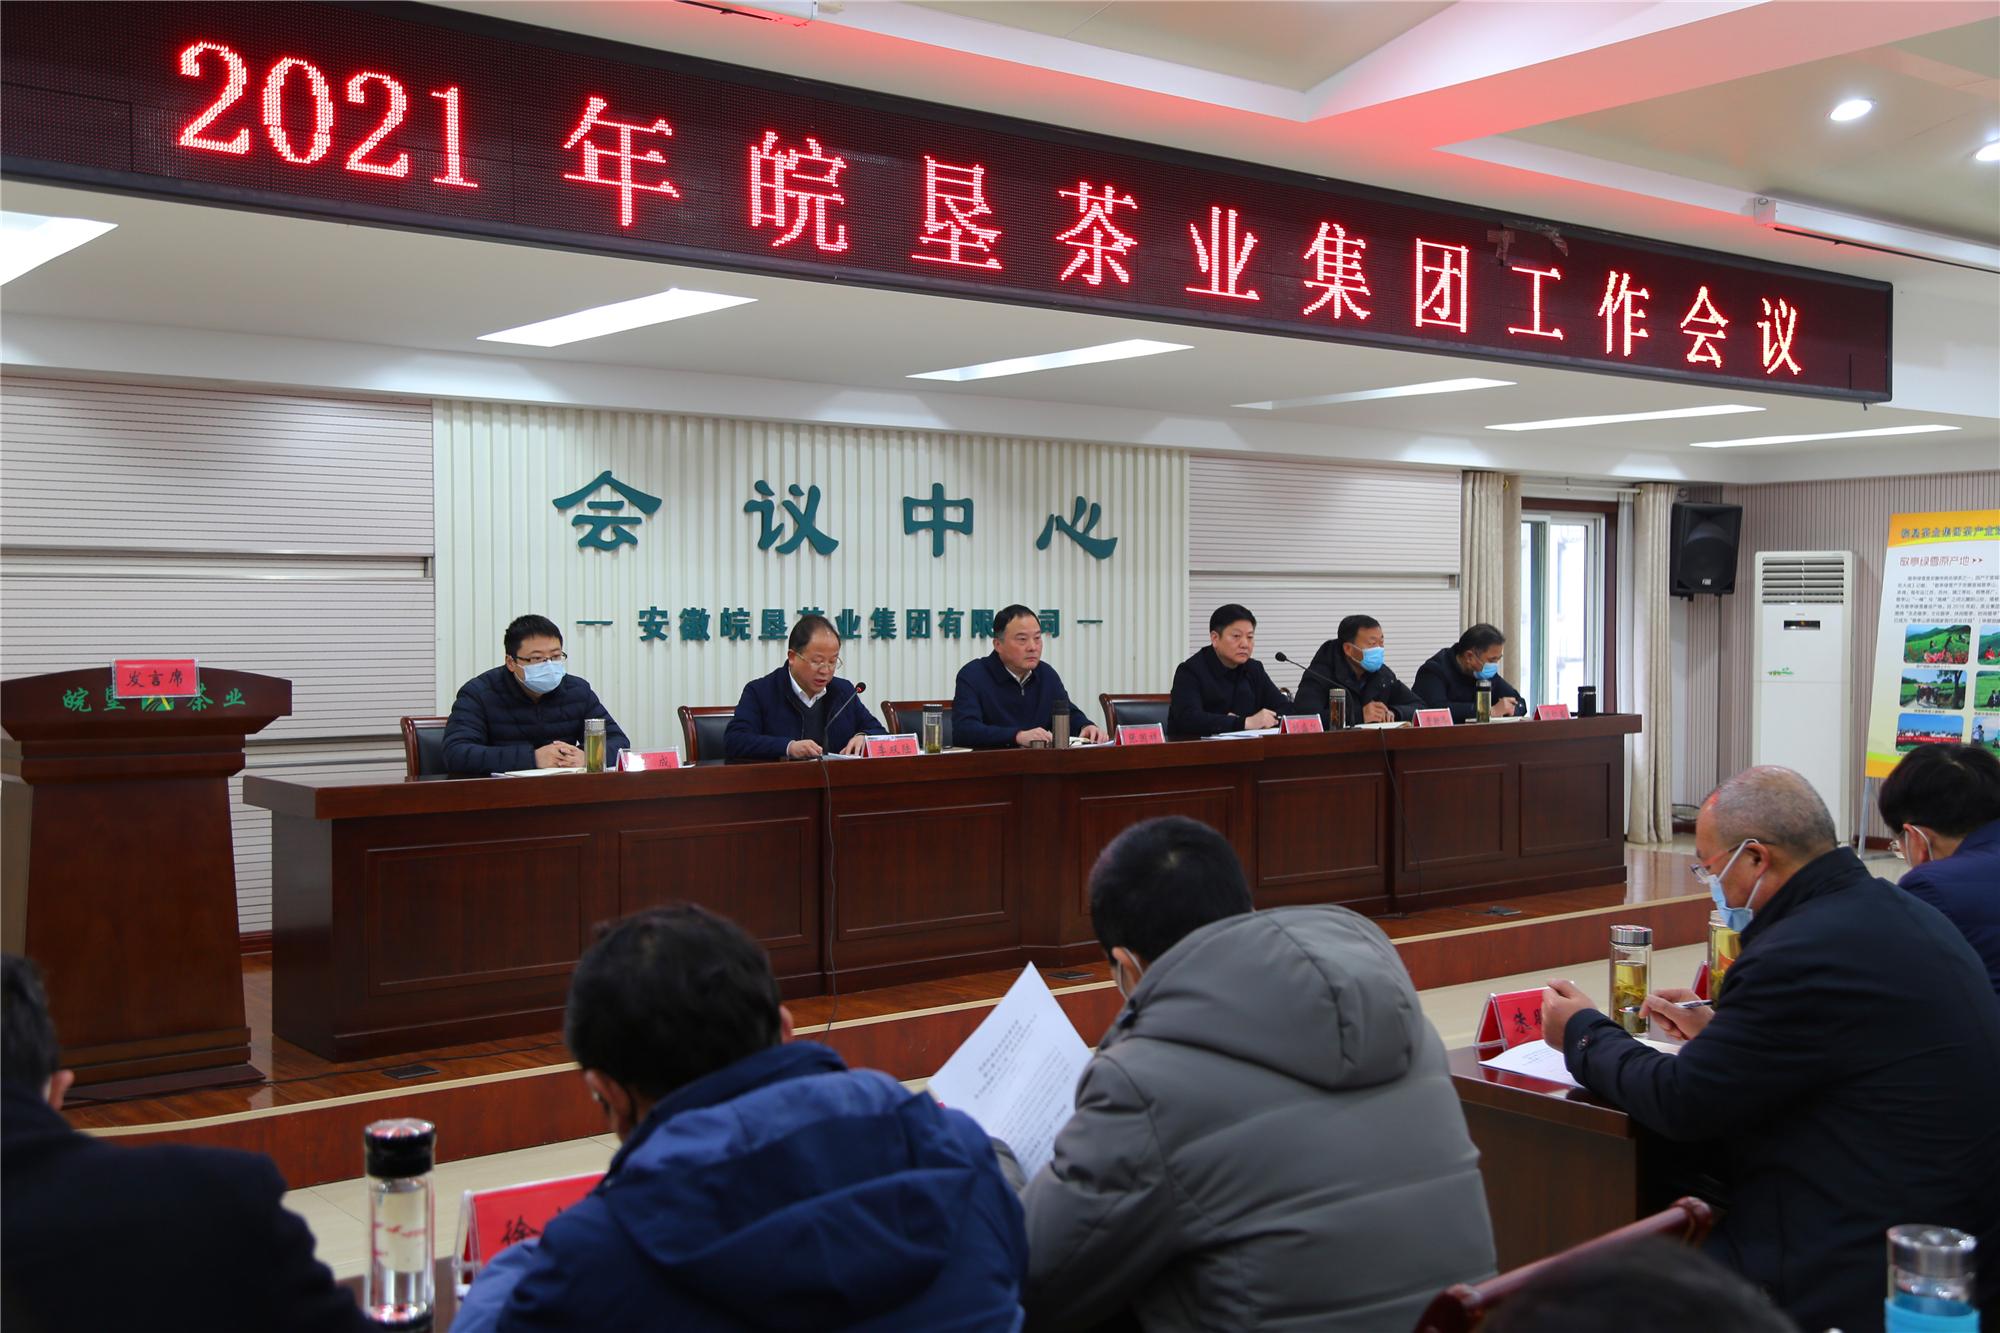 重整行装再出发— 皖垦茶业集团召开2021年度工作会议